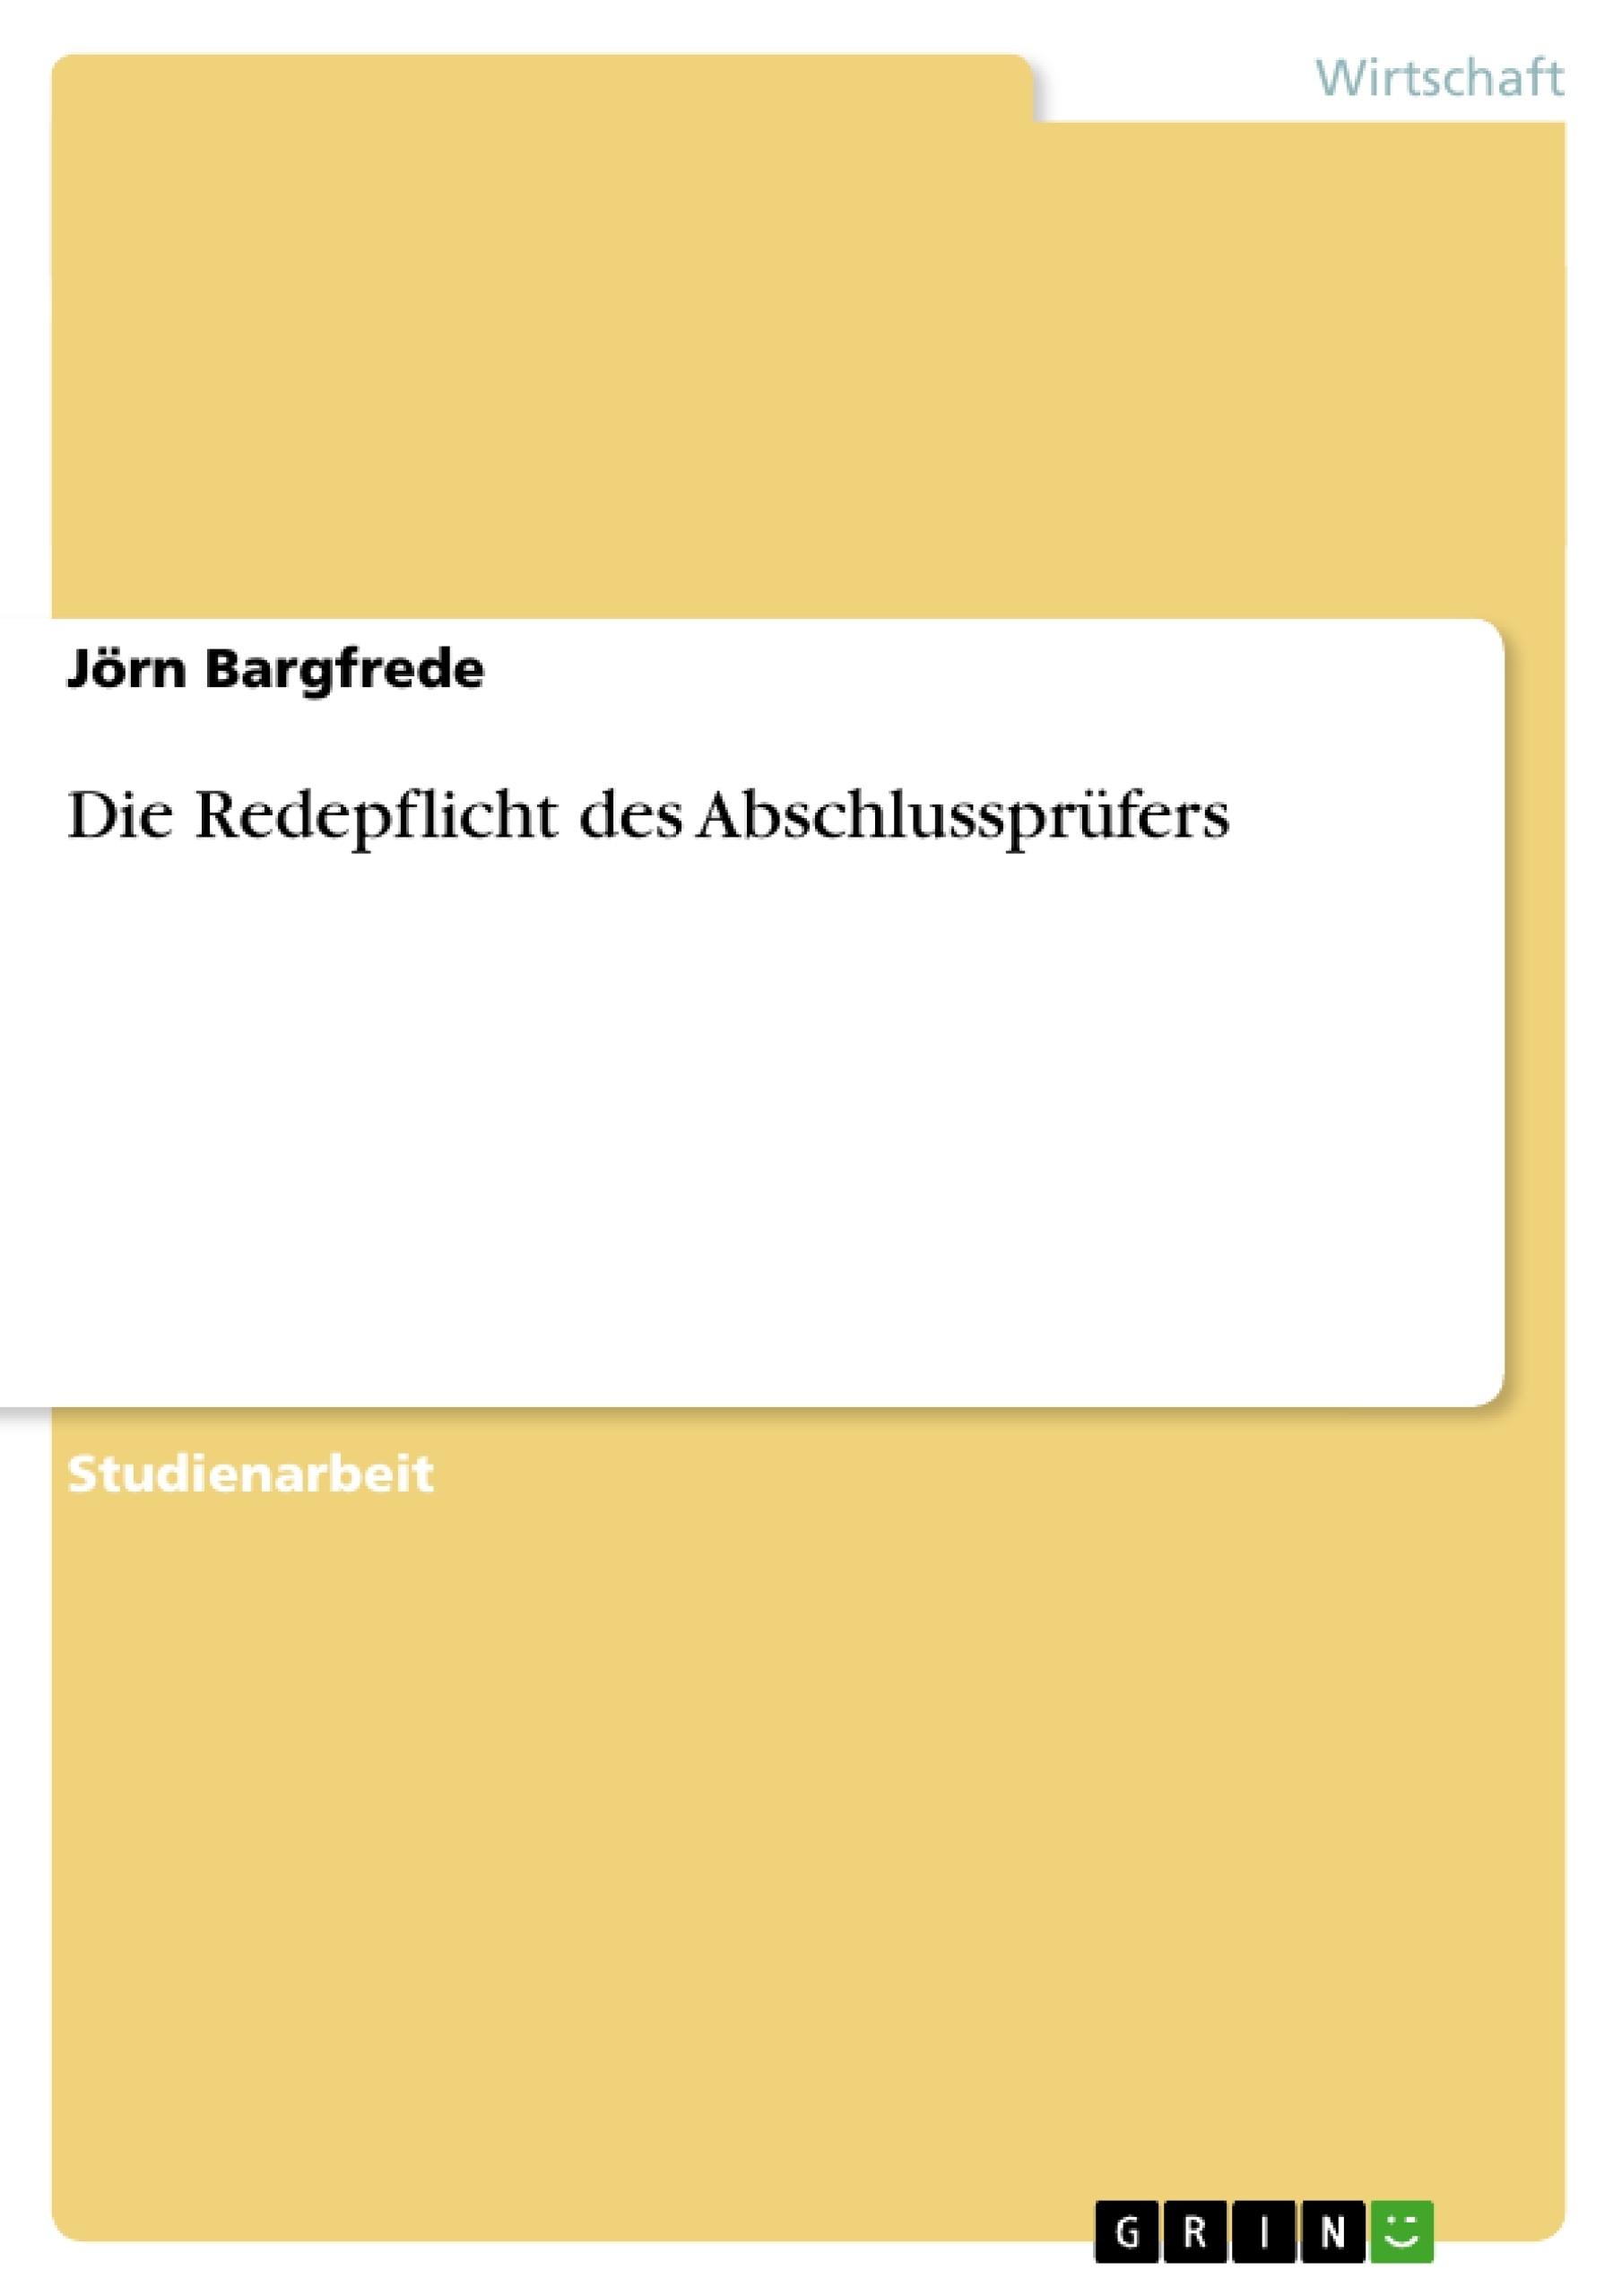 Titel: Die Redepflicht des Abschlussprüfers